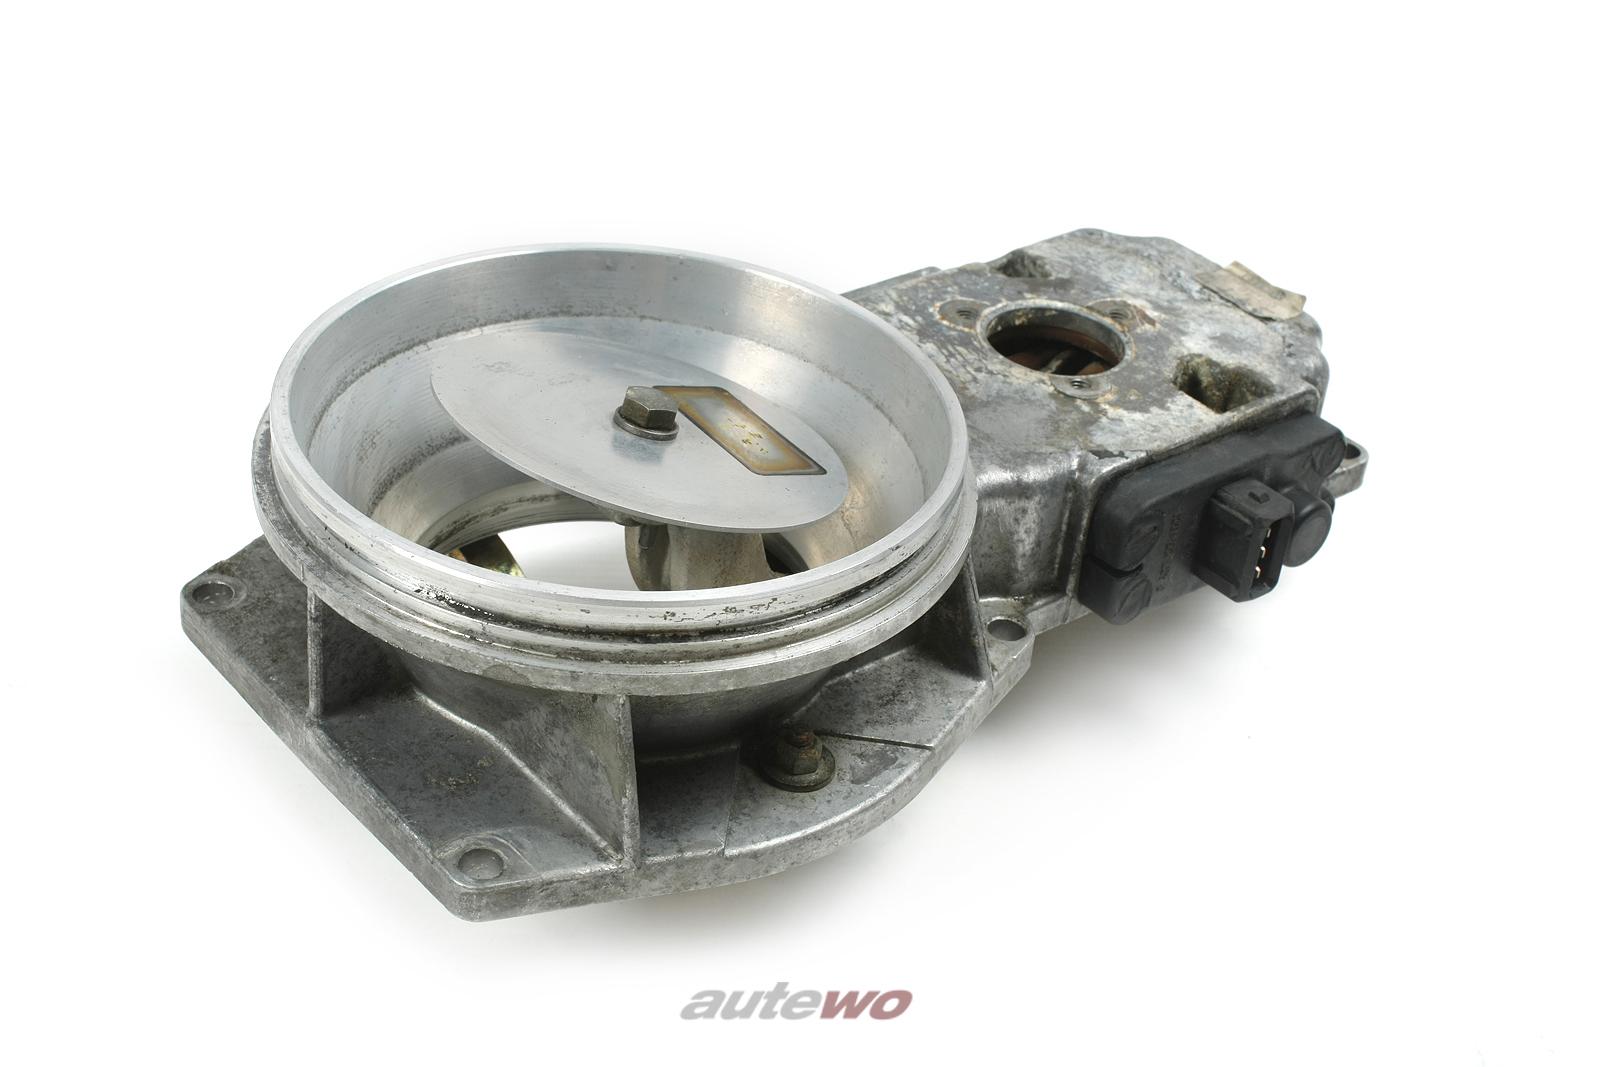 034133471L 0438121064 Audi 100/200 44 2.2l Luftmengenmesser